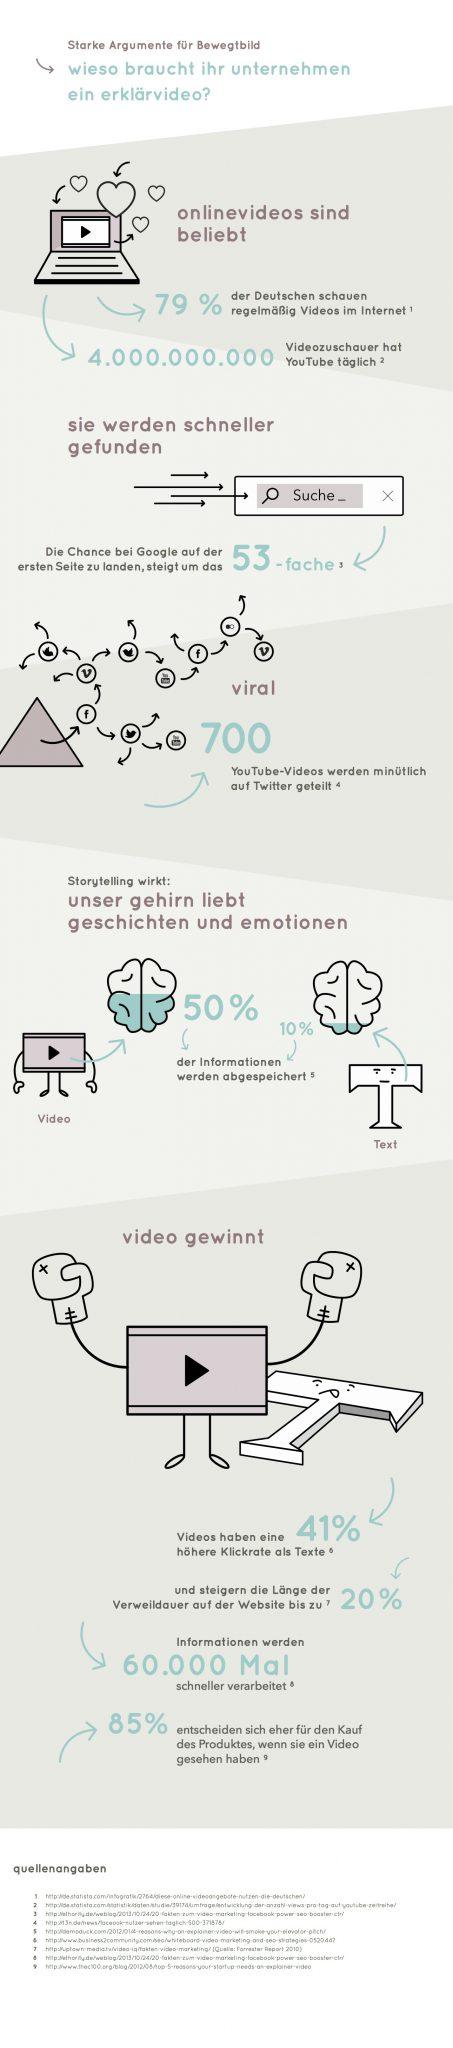 Erklärvideos: Starke Argumente für Bewegtbild (Infografik: textzeichnerin)